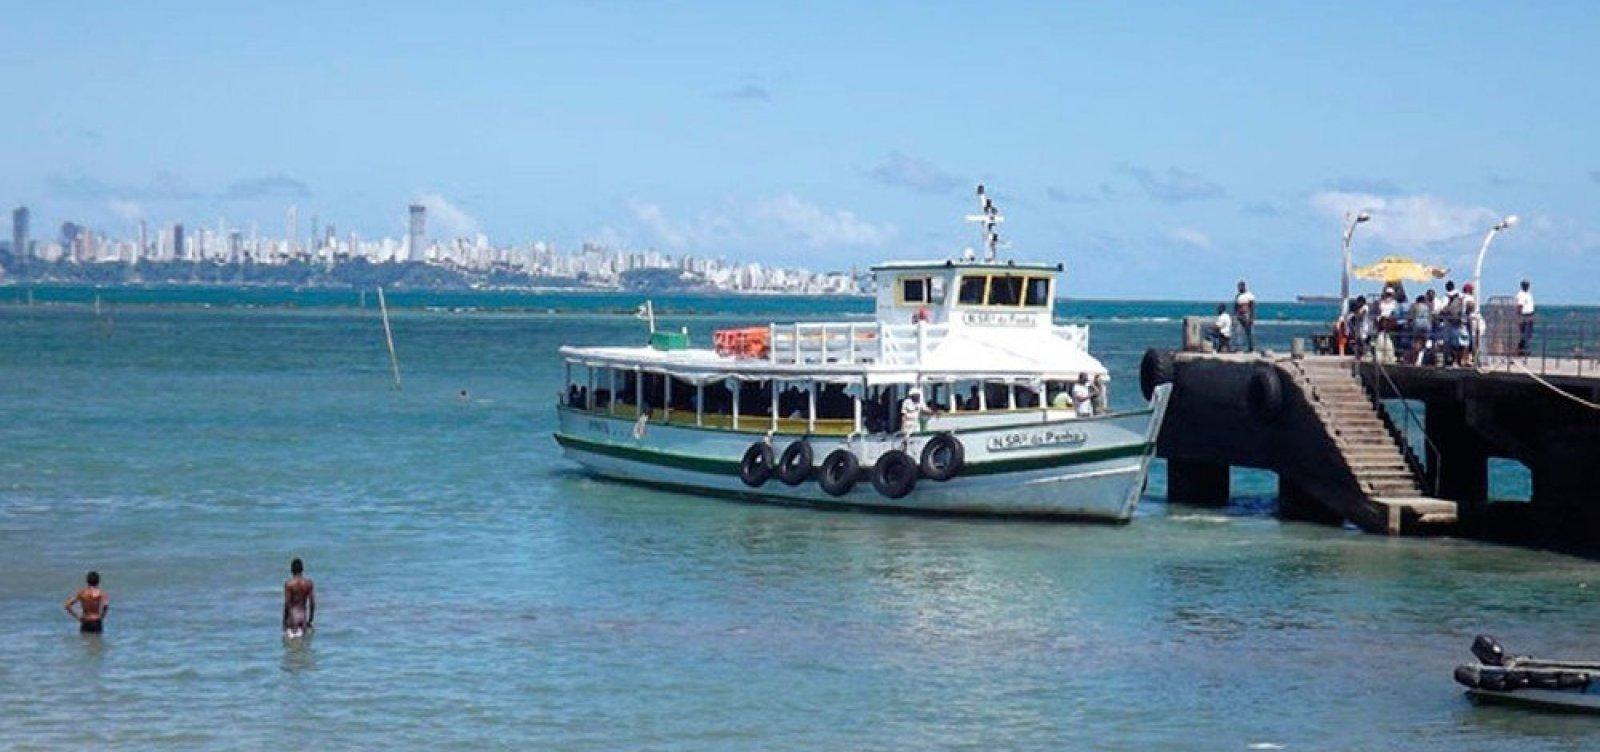 [Travessia Salvador-Mar Grande opera com seis embarcações neste domingo e tem movimento tranquilo]